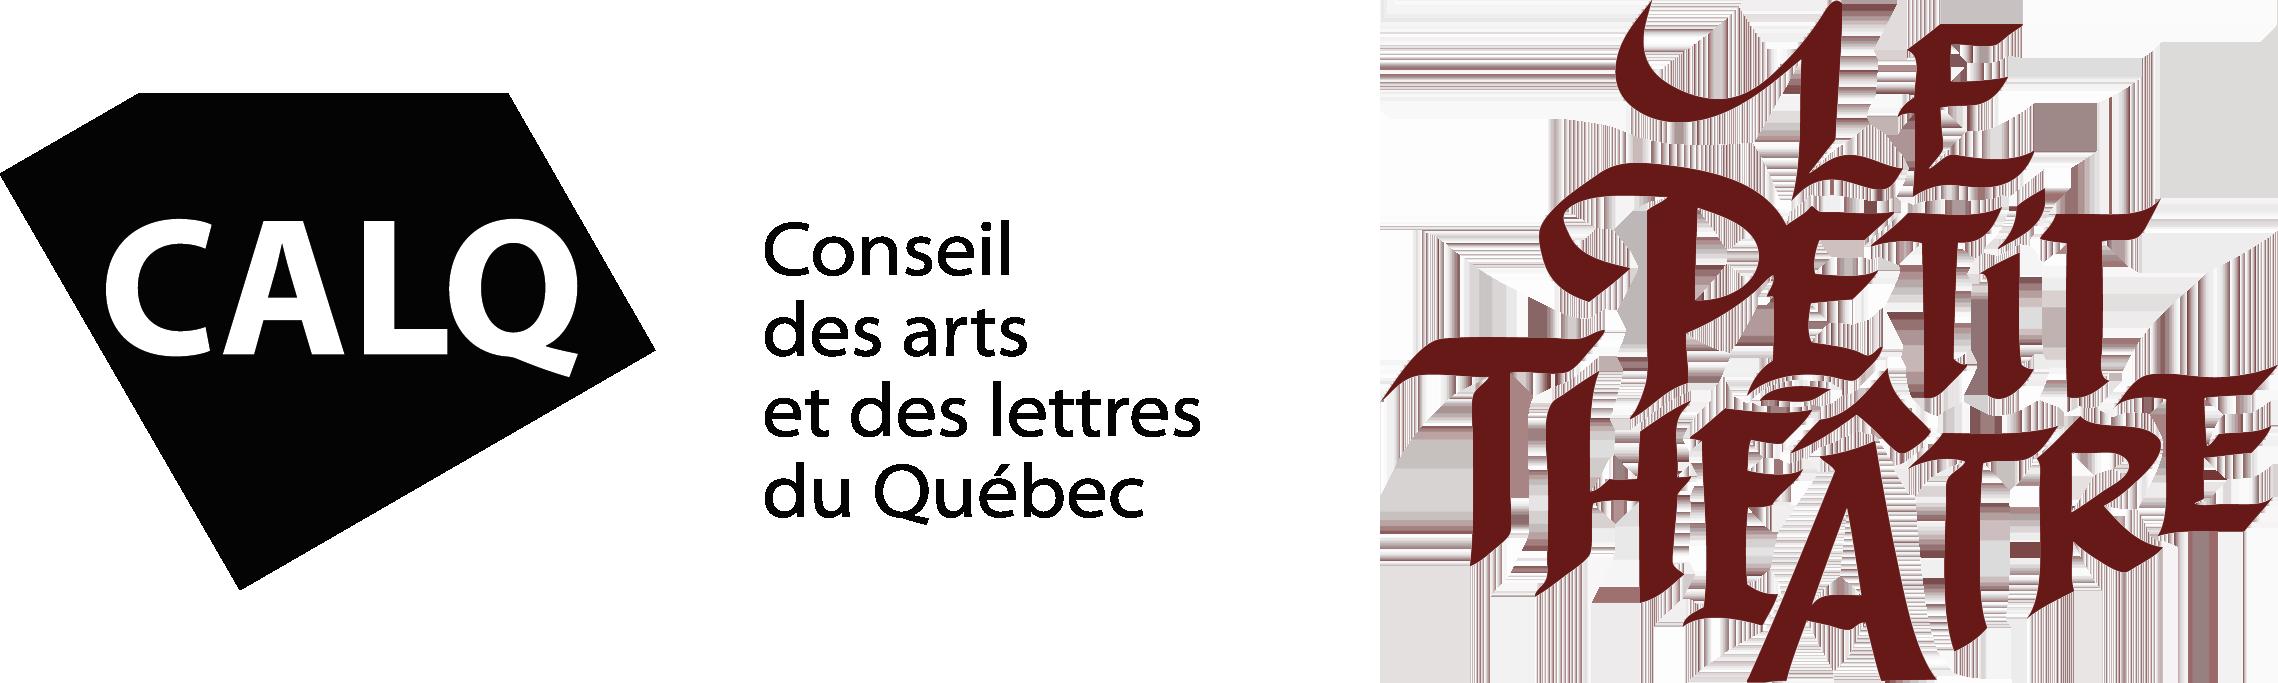 Logos CALQ et Petit Théâtre